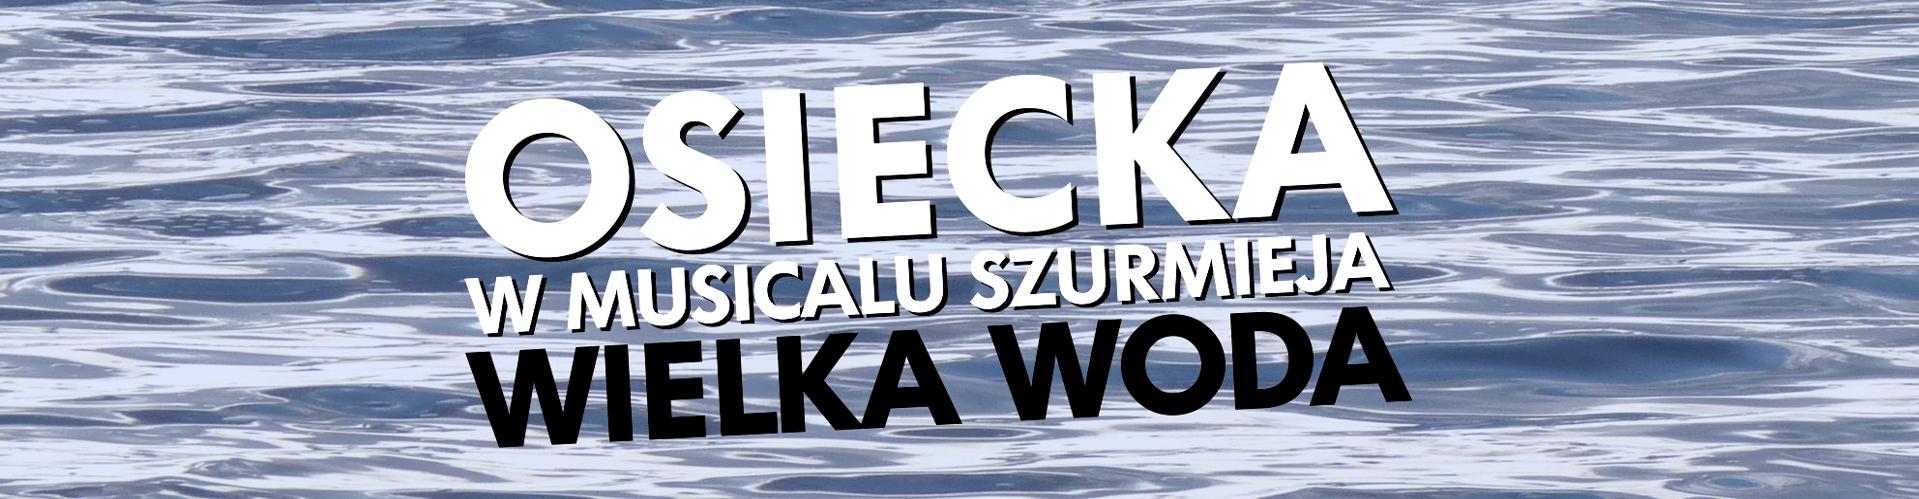 Agnieszka Osiecka w musicalu Jana Szurmieja